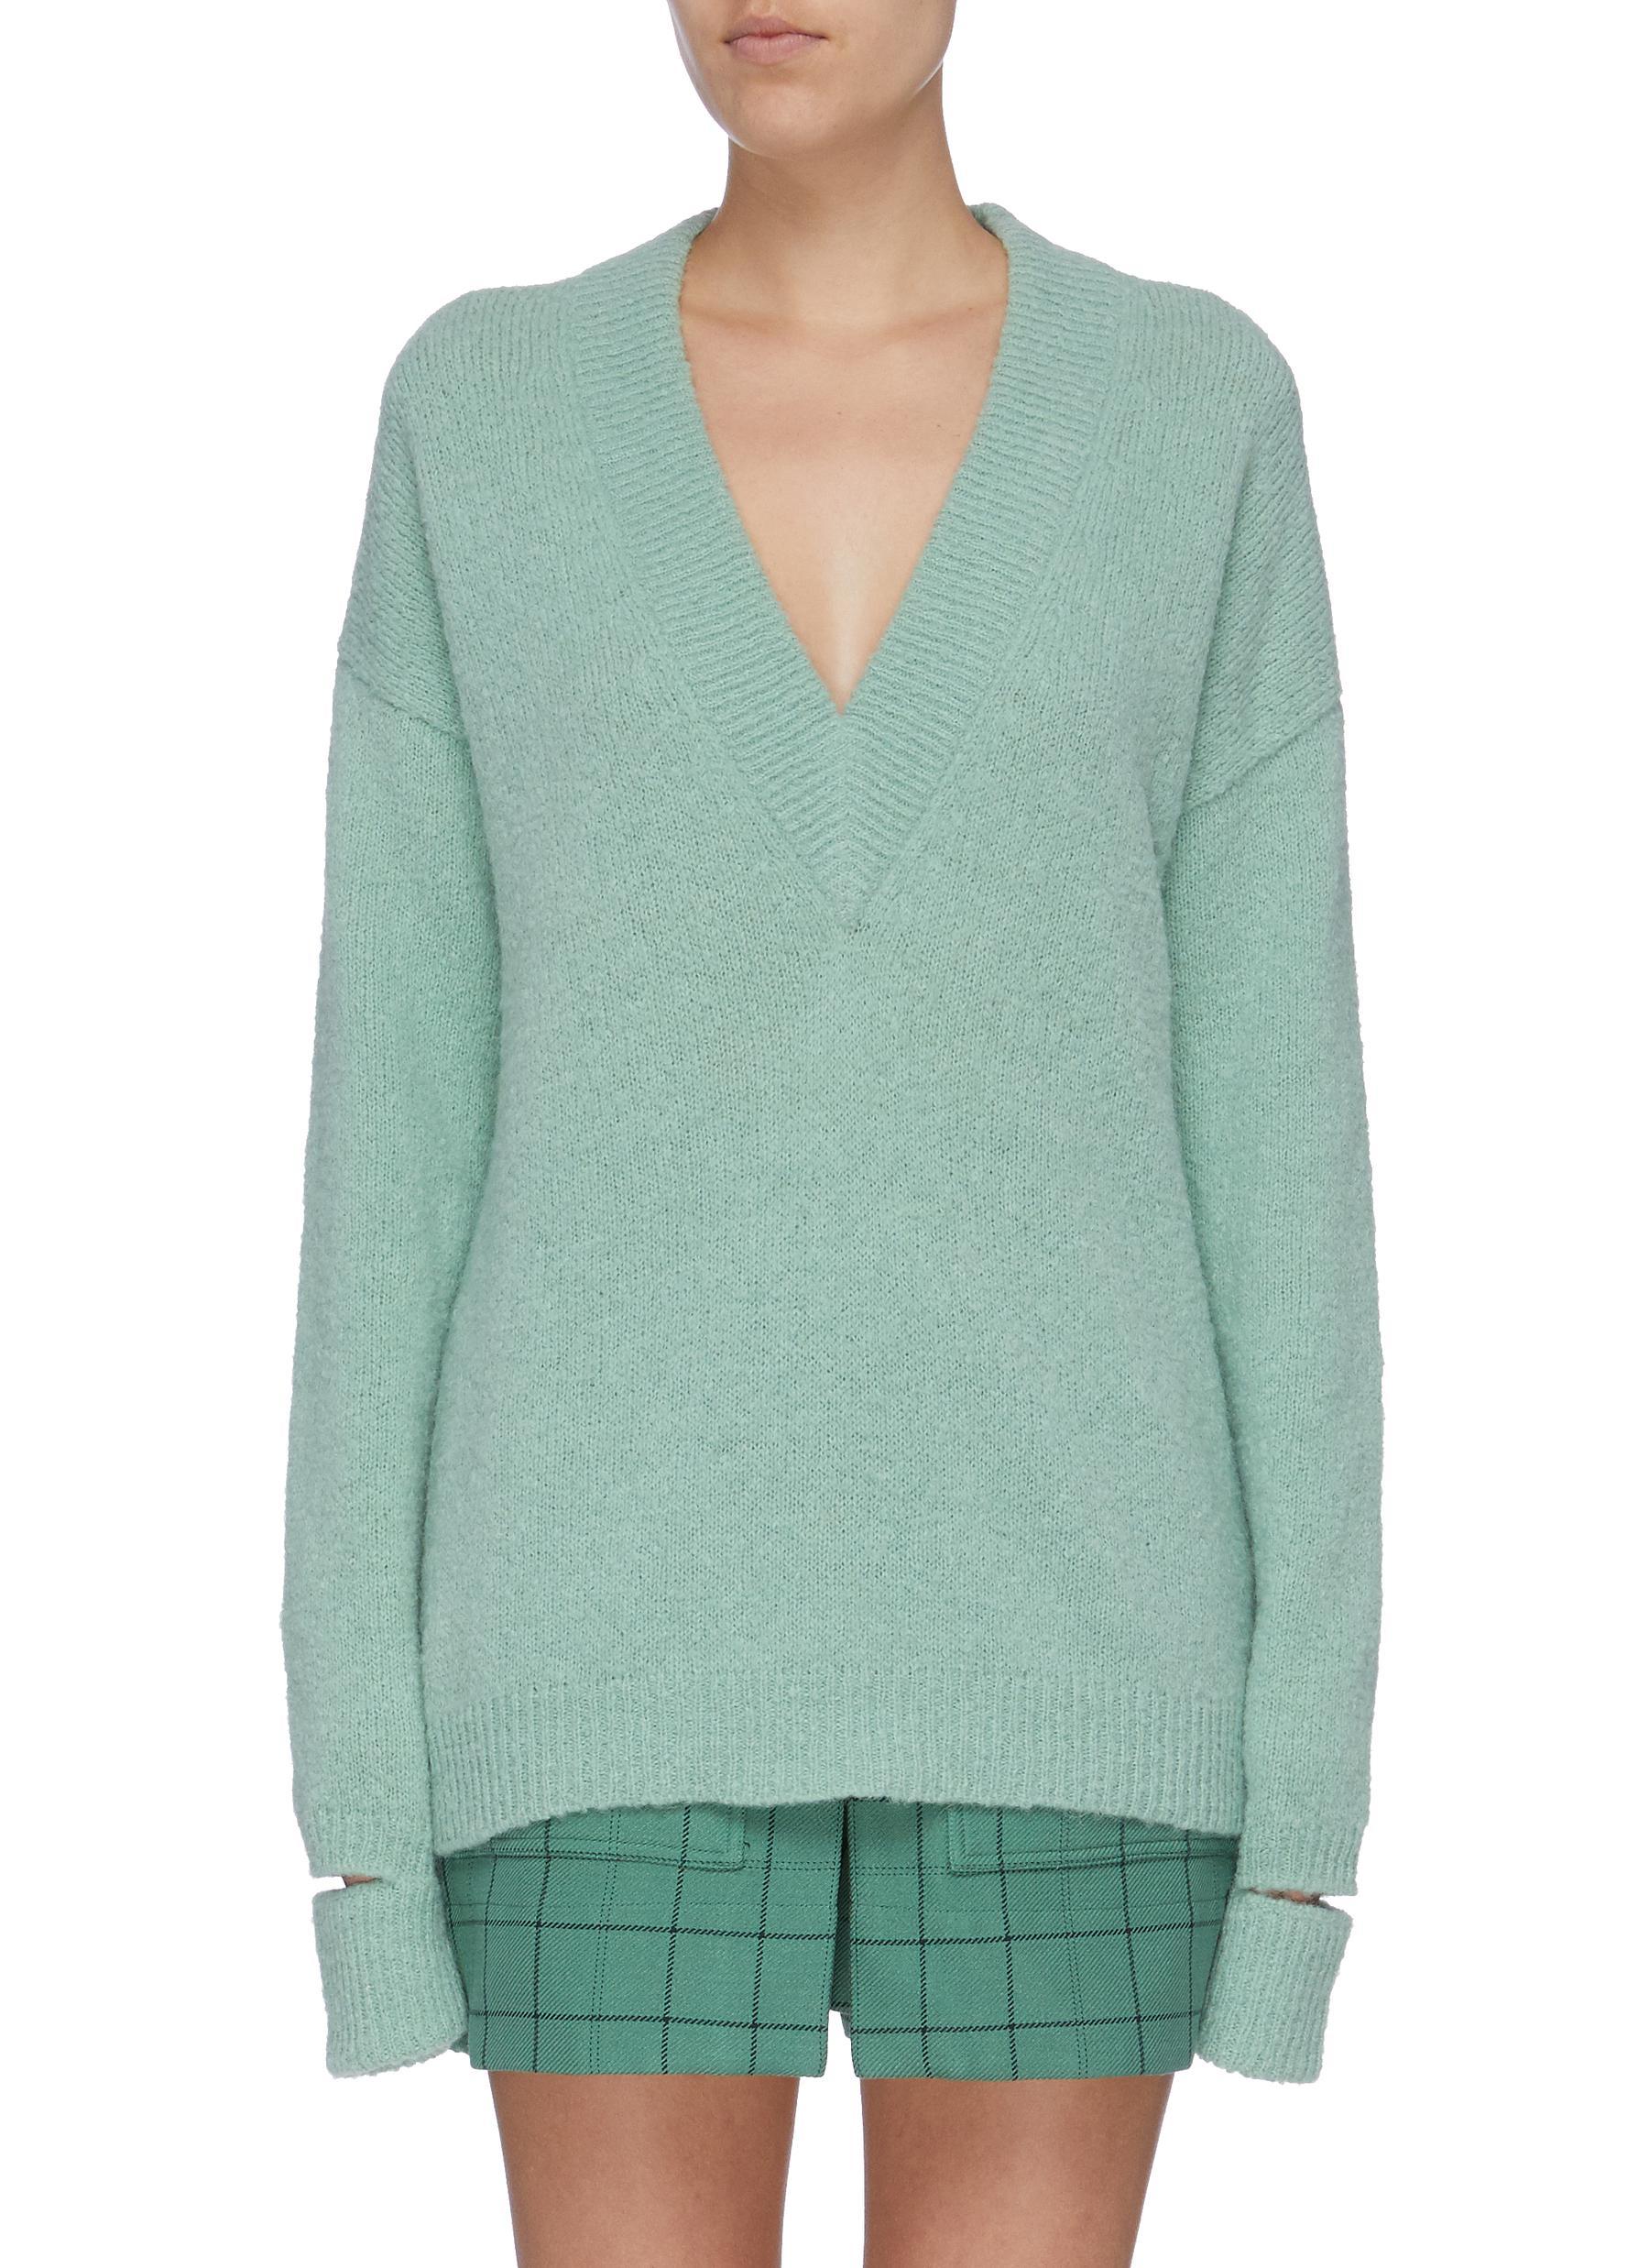 Split cuff alpaca blend sweater by Tibi